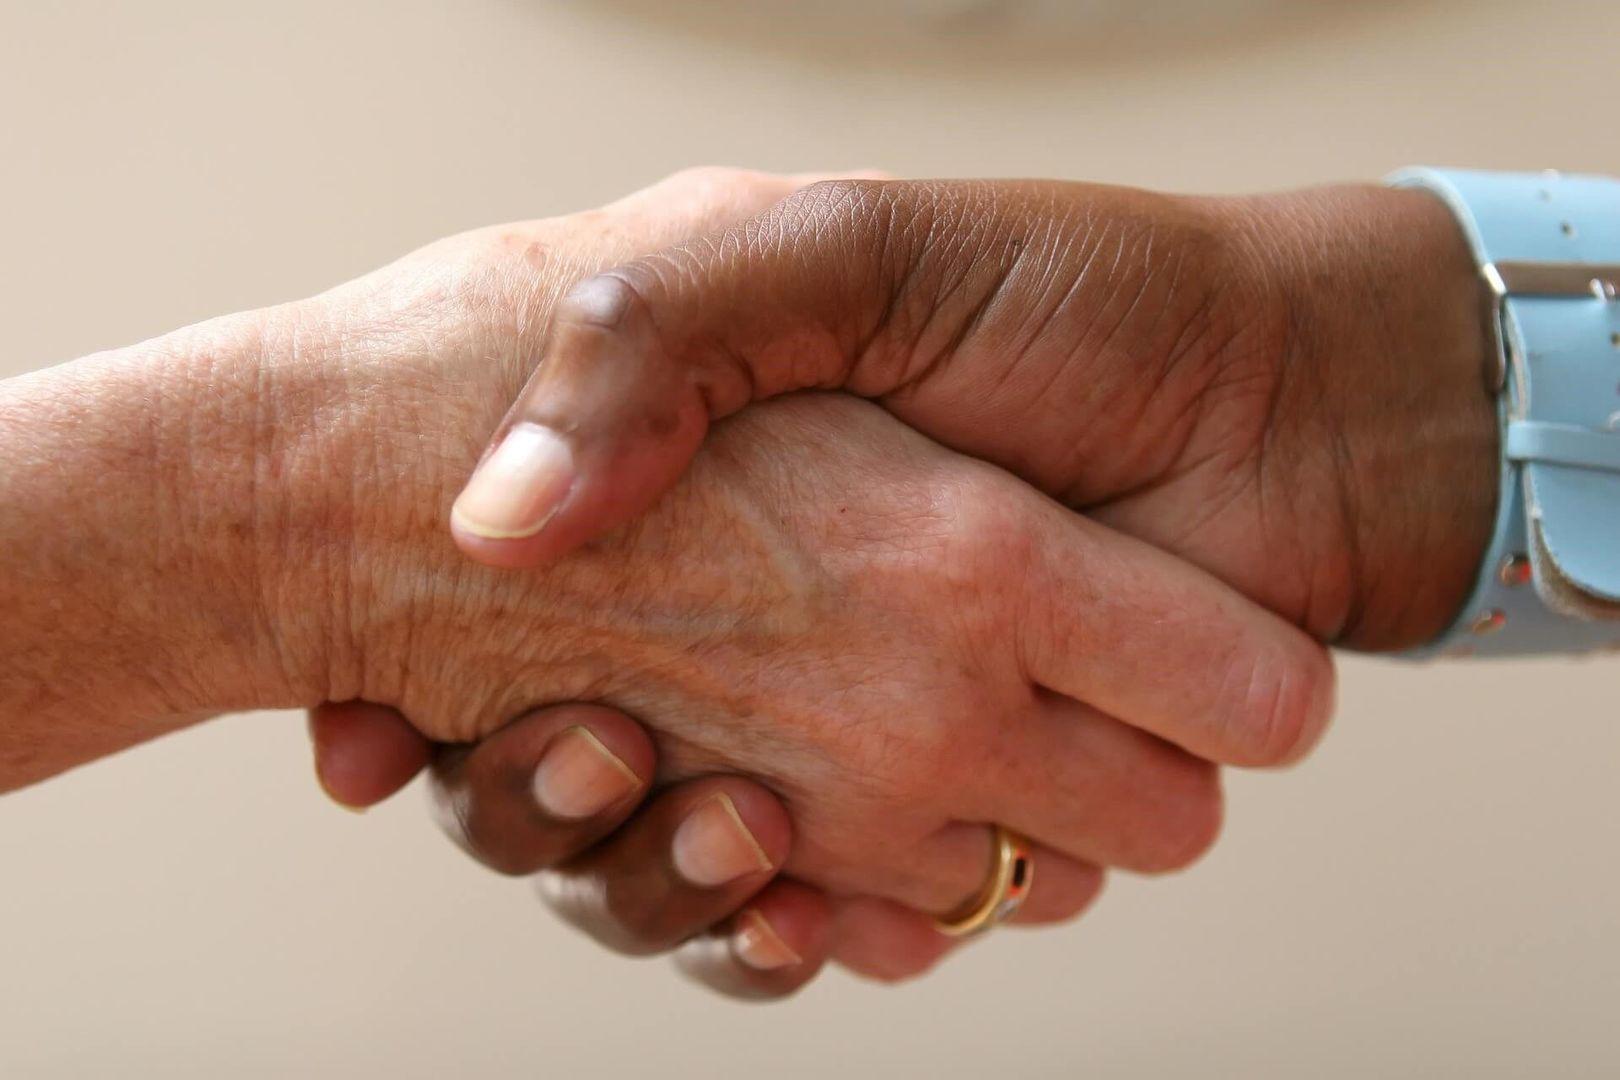 De juiste advocaat of andere letselschadespecialist zal u de hand schudden, zoals deze twee mensen op de foto doen.